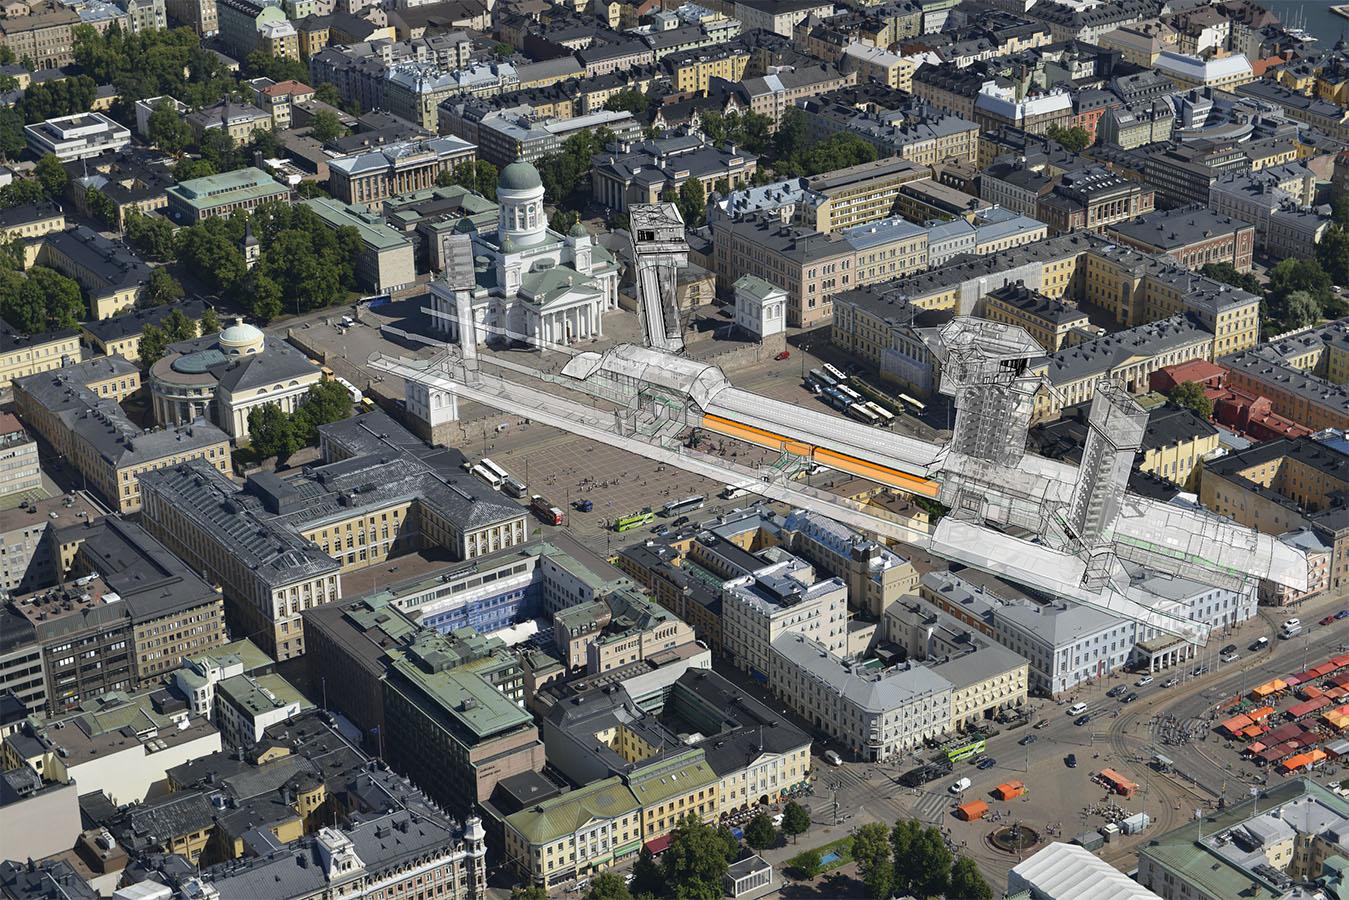 Moderni metrojärjestelmä vaatii paljon tilaa. Soukan metroaseman tilat ulottuisivat Helsingin Kauppatorilta Tuomiokirkon taakse, jos aseman toisi Helsingin keskustaan. Kuilut nousisivat Tuomiokirkon kupolin tasolle.